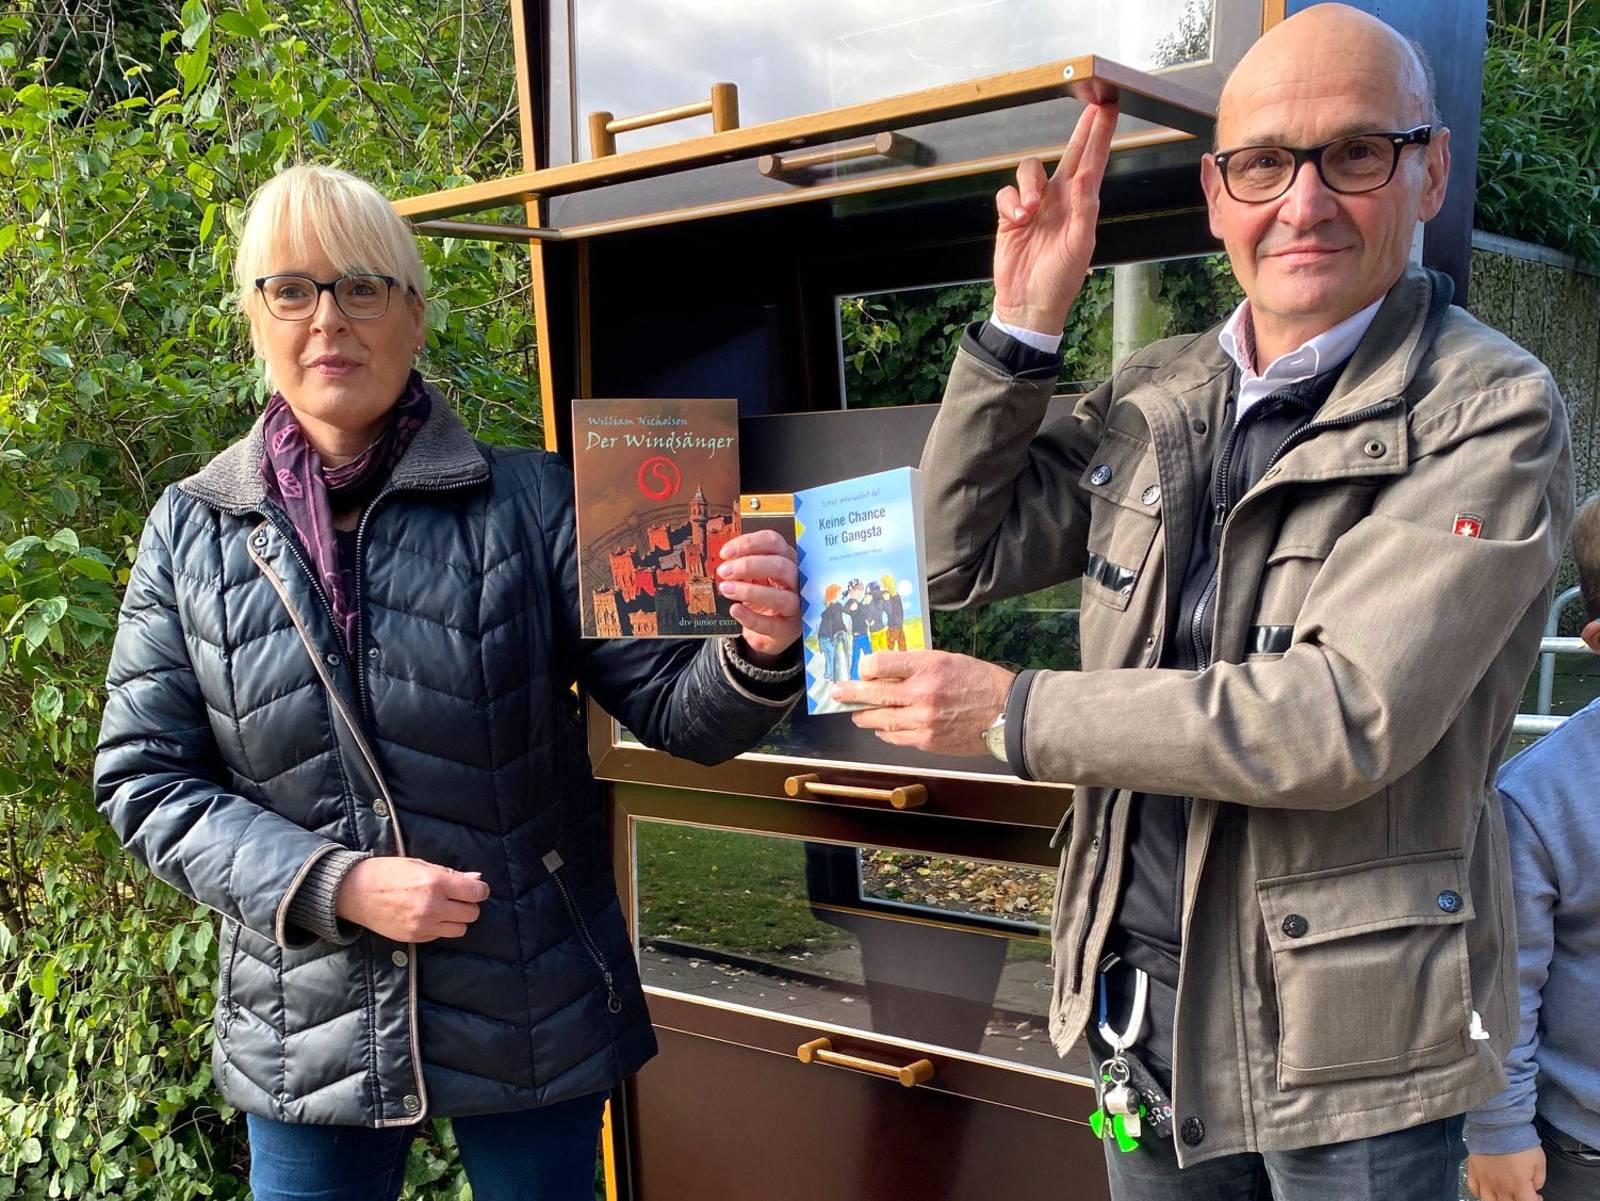 Bezirksbürgermeisterin Regine Bittorf und Frank Post, Direktor der Grundschule Fuhsestraße